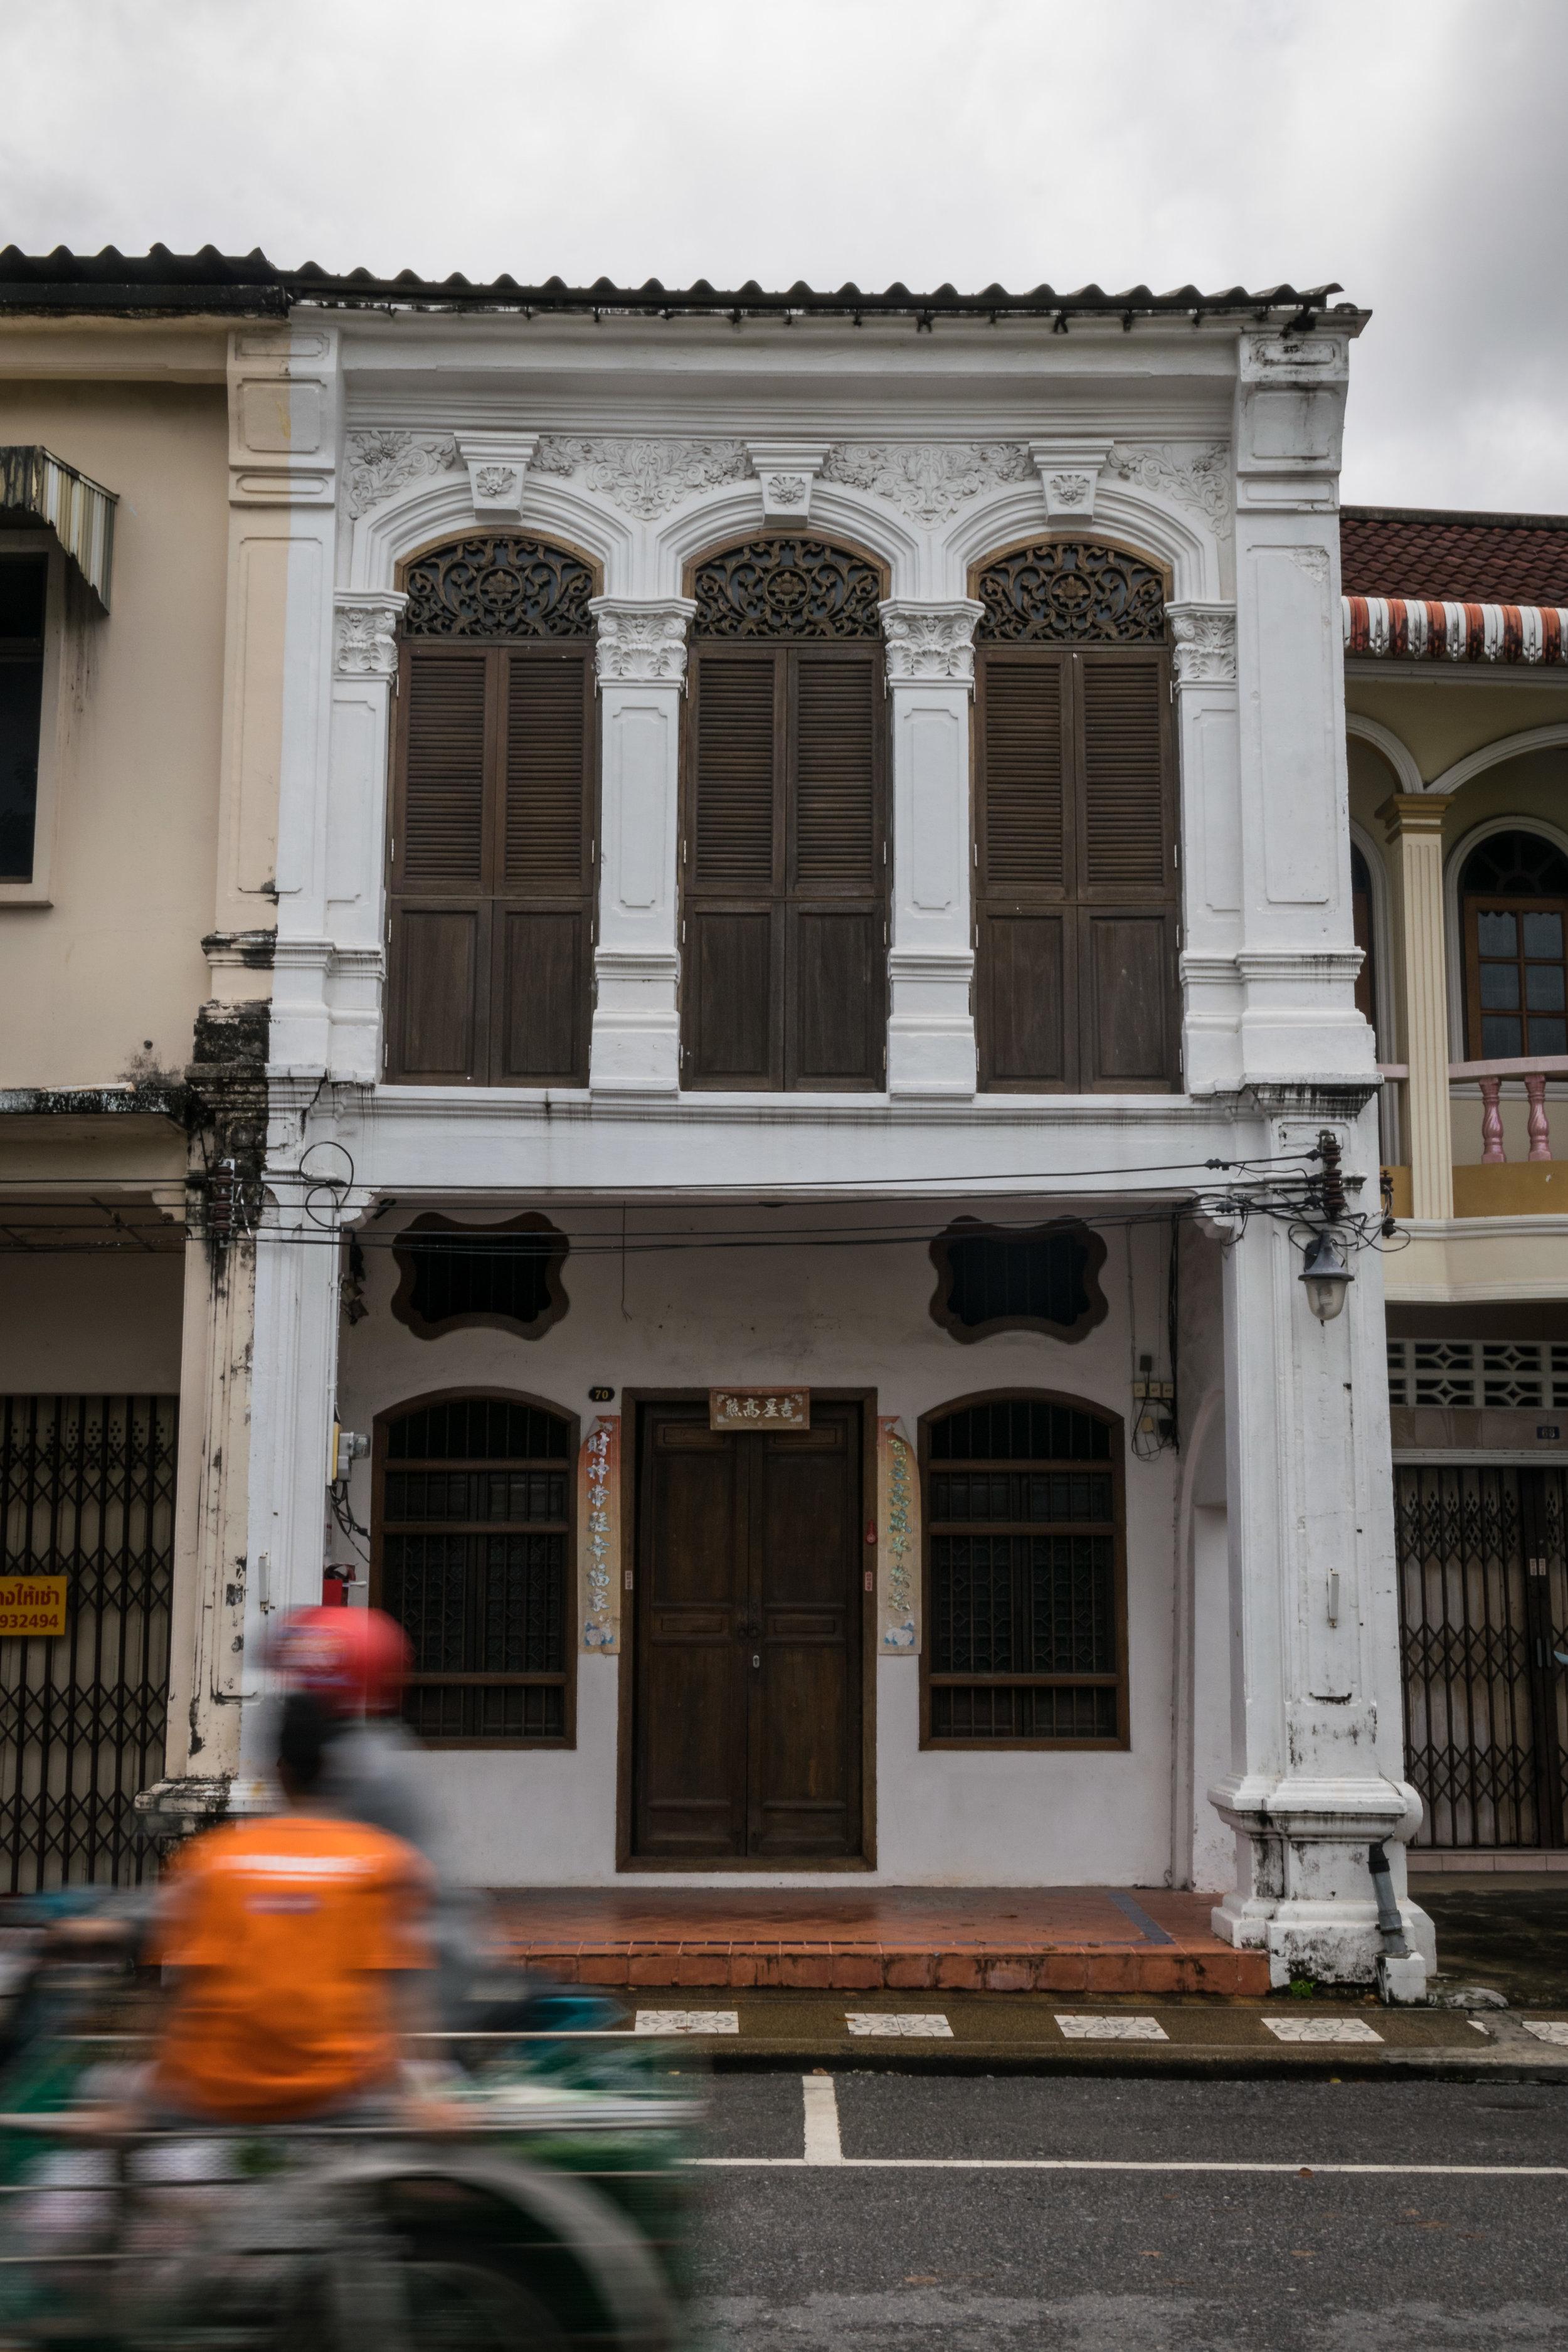 Phuket Old Town buildings-10.jpg